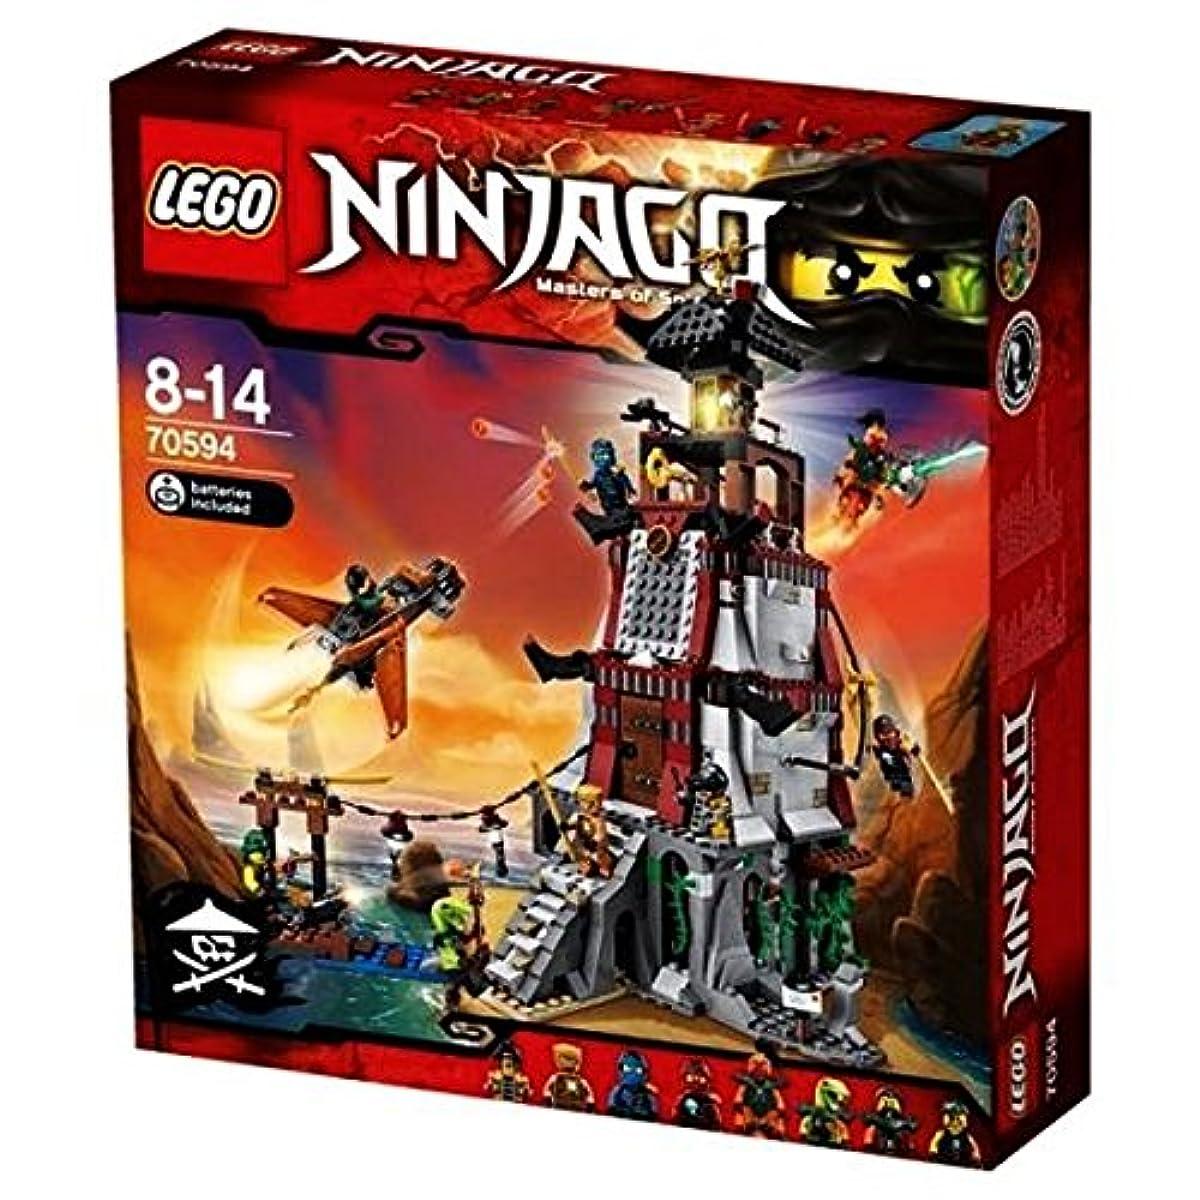 [해외] 레고 (LEGO) 닌자고 결전! 암벽의 라이트 타워 배틀 70594-70594 (2016-06-03)